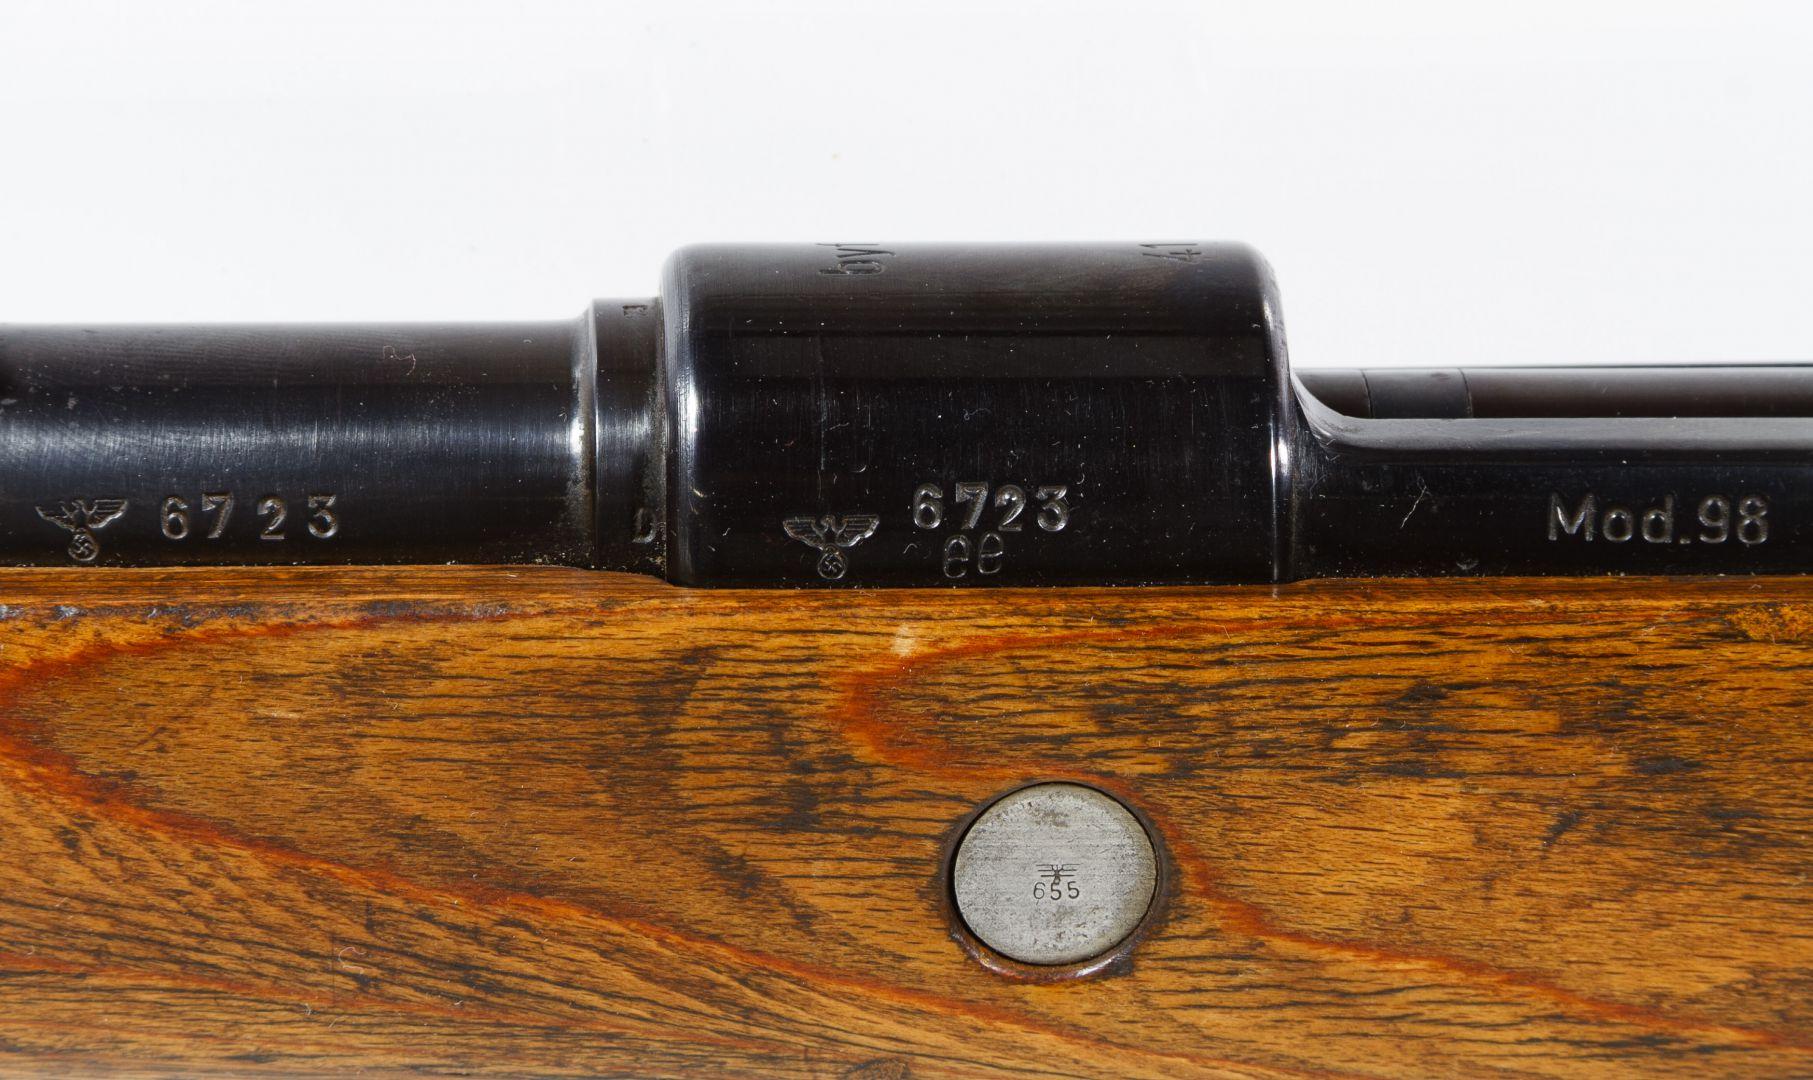 Mauser serial numbers k98